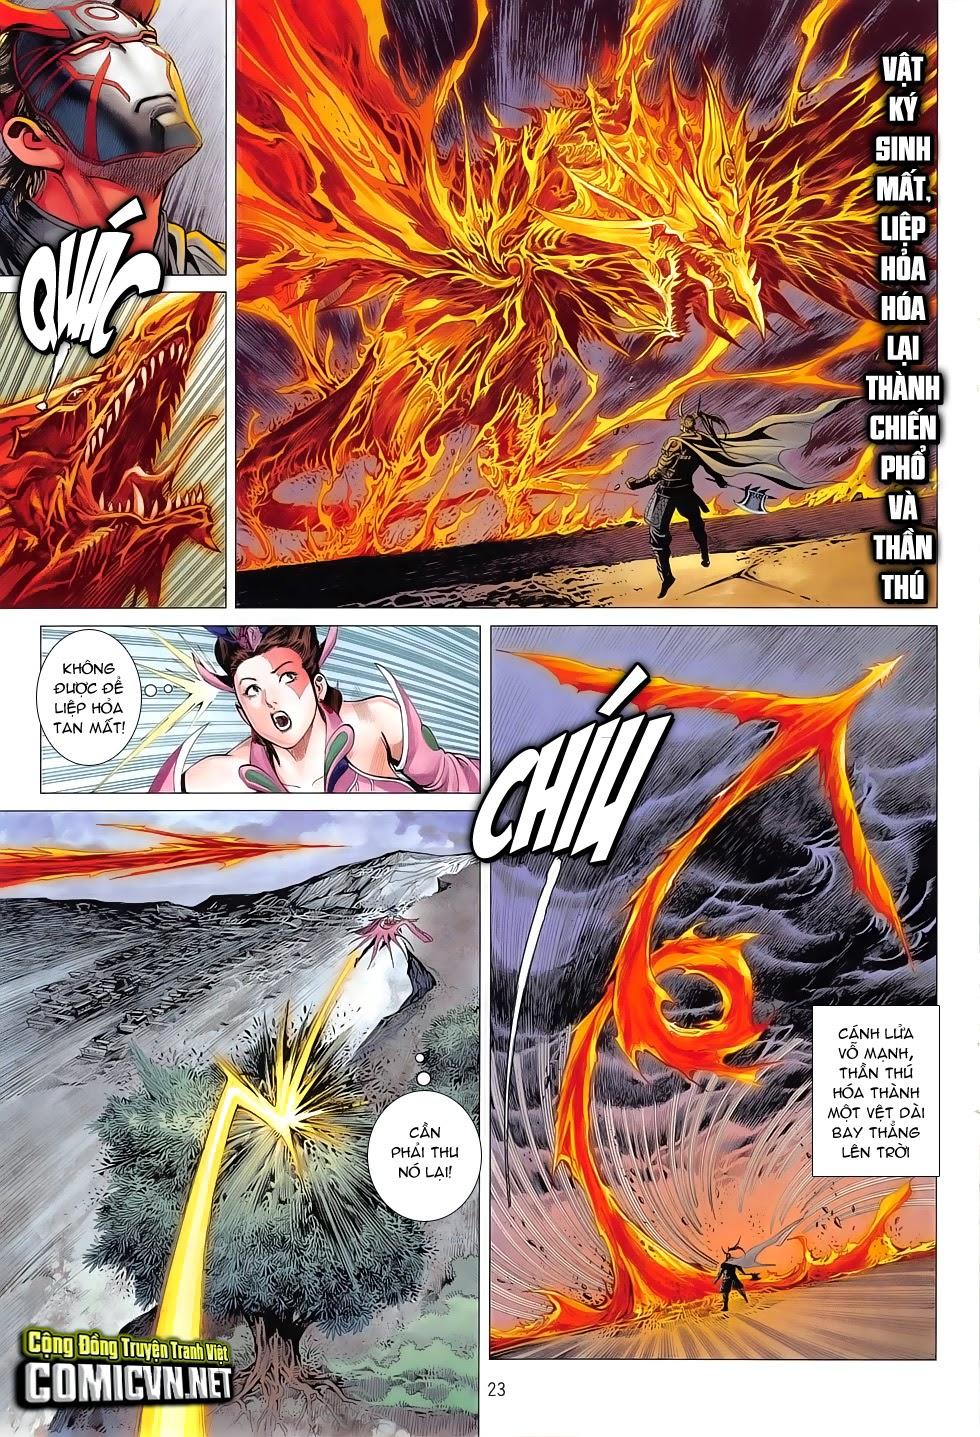 Chiến Phổ chapter 7: giết mi không chỉ mình ta trang 23